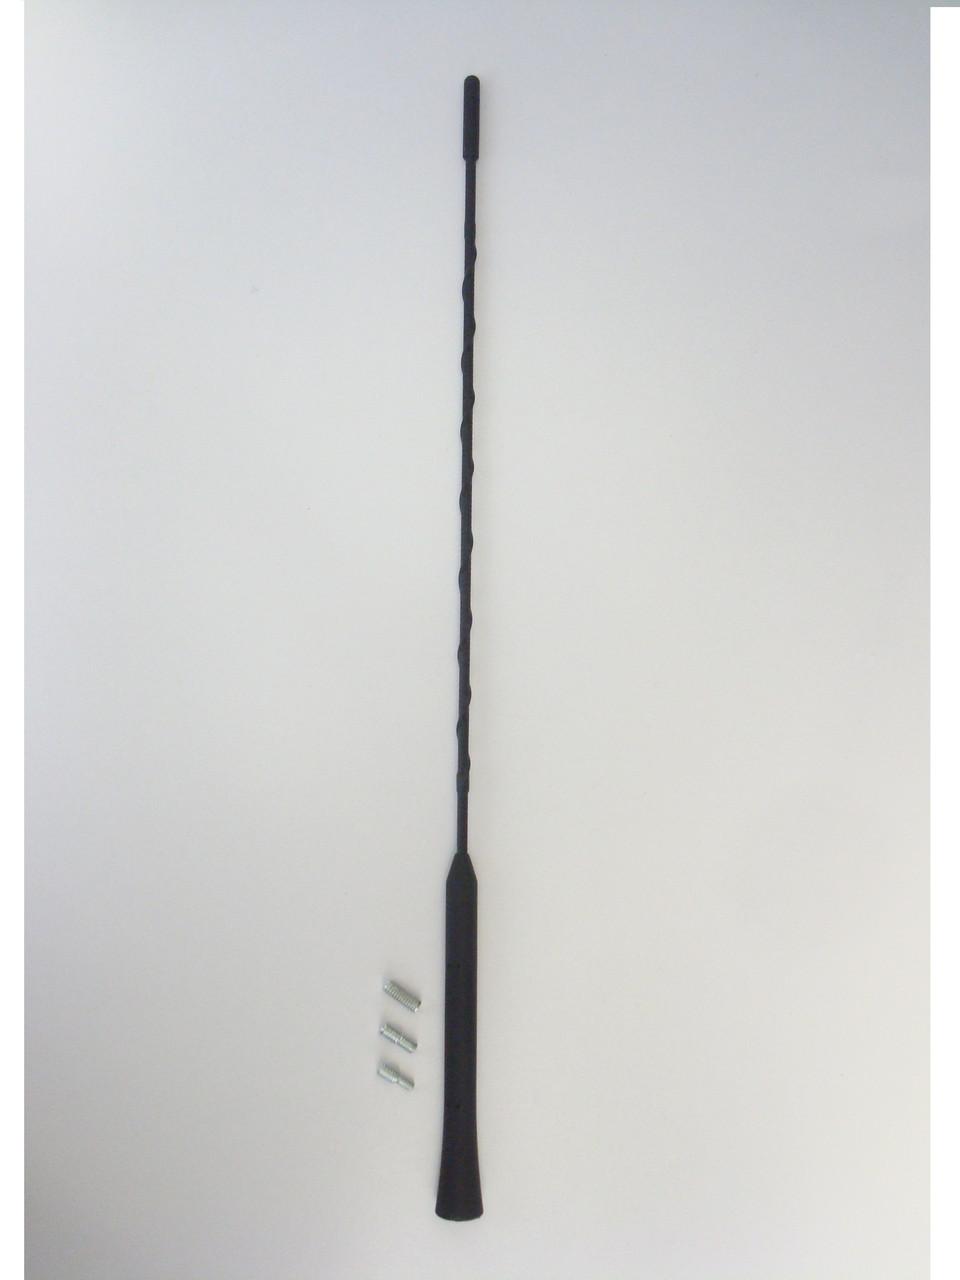 Наконечник врезной автомобильной антенны ВИТОК большой